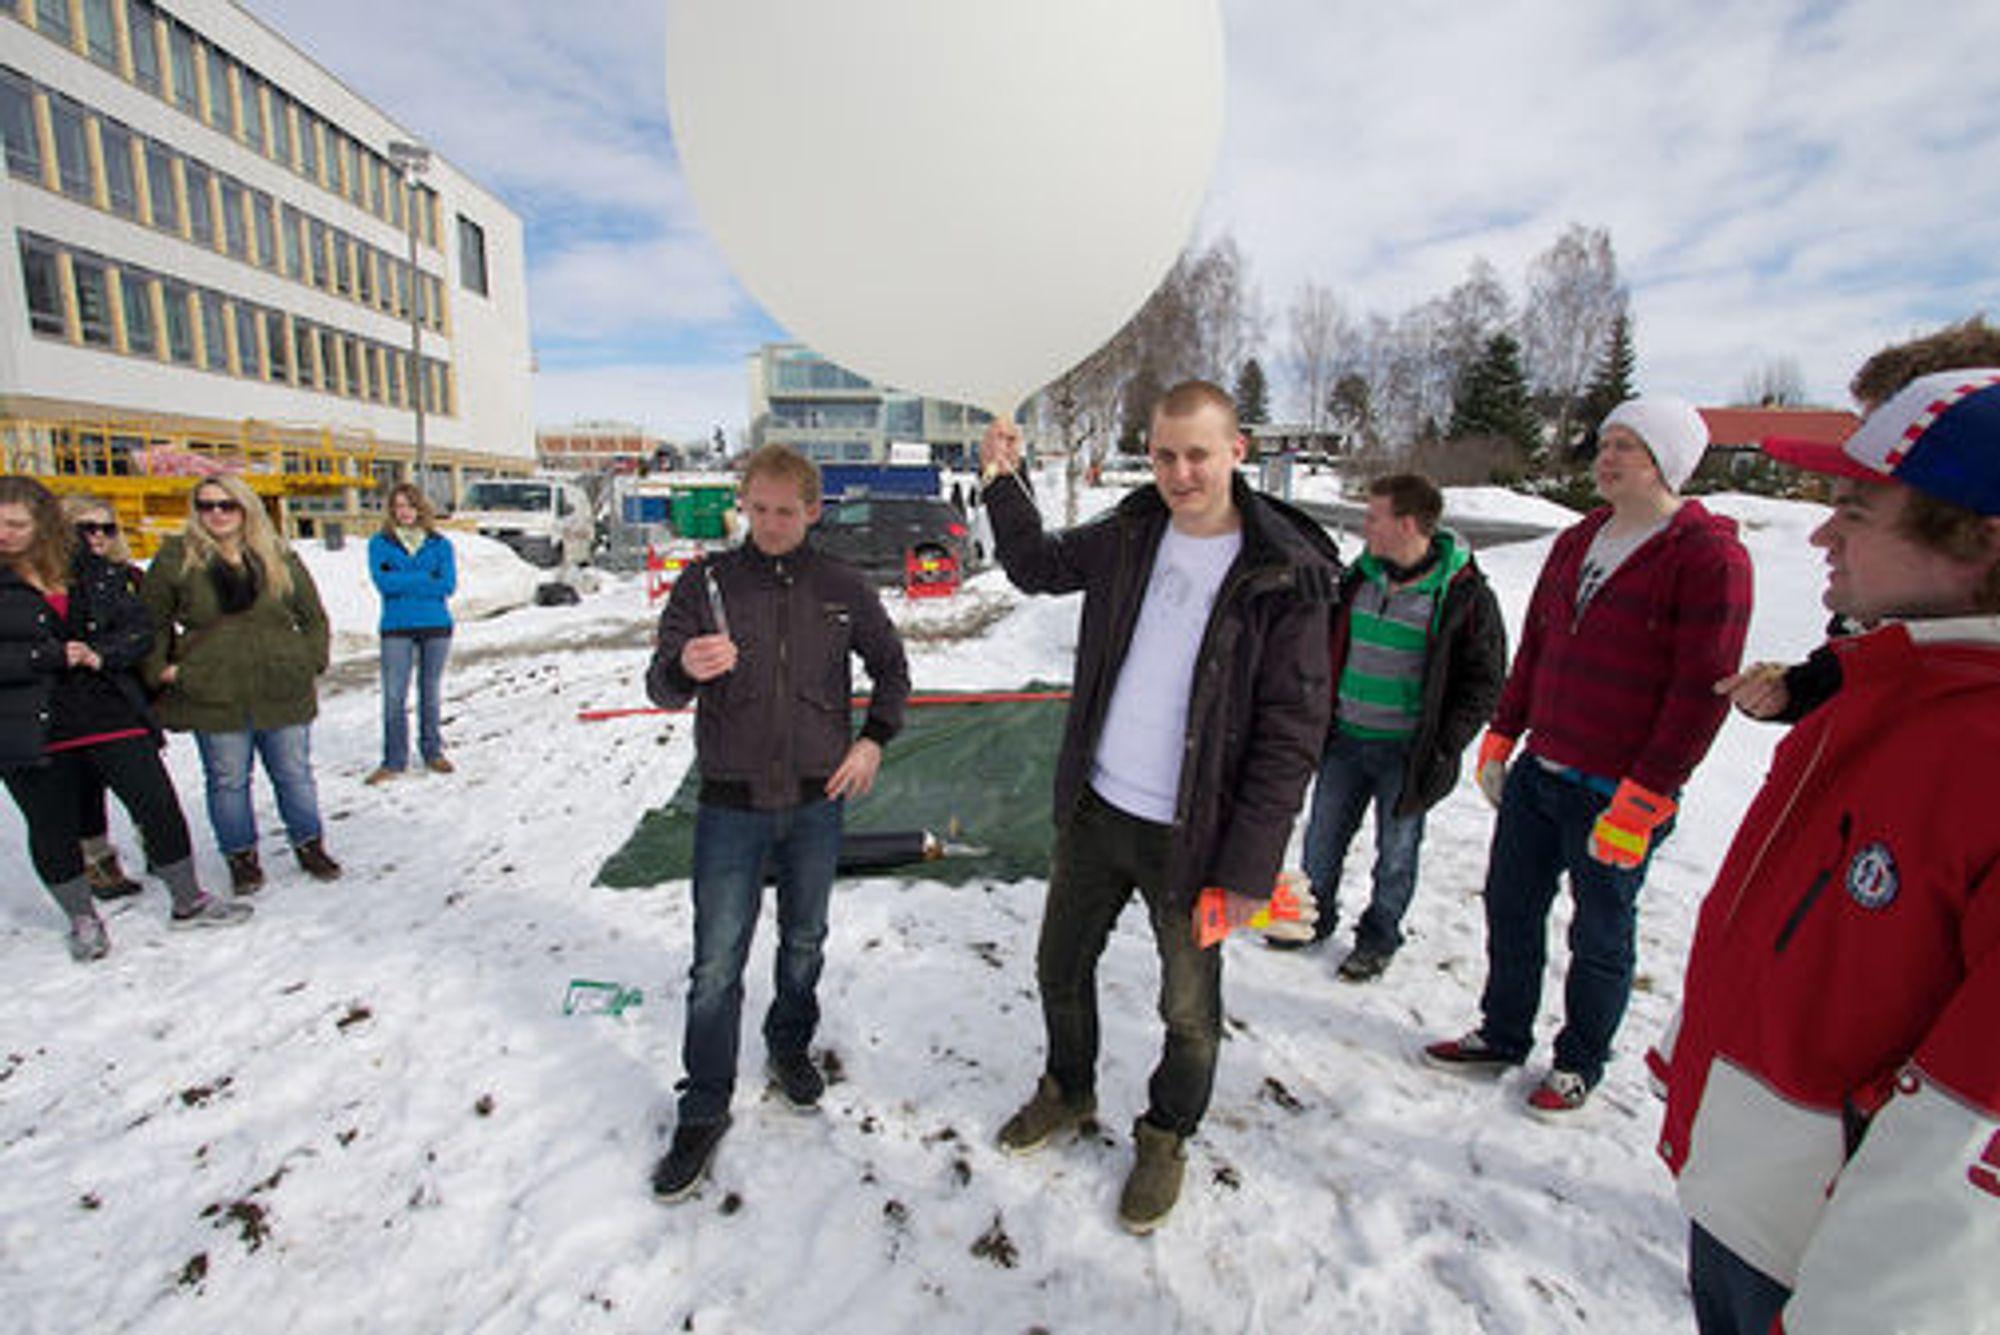 Studentene ved Moscus2011-prosjektet ved Høgskolen i Gjøvik i gang med å teste ballongen som skal brukes.